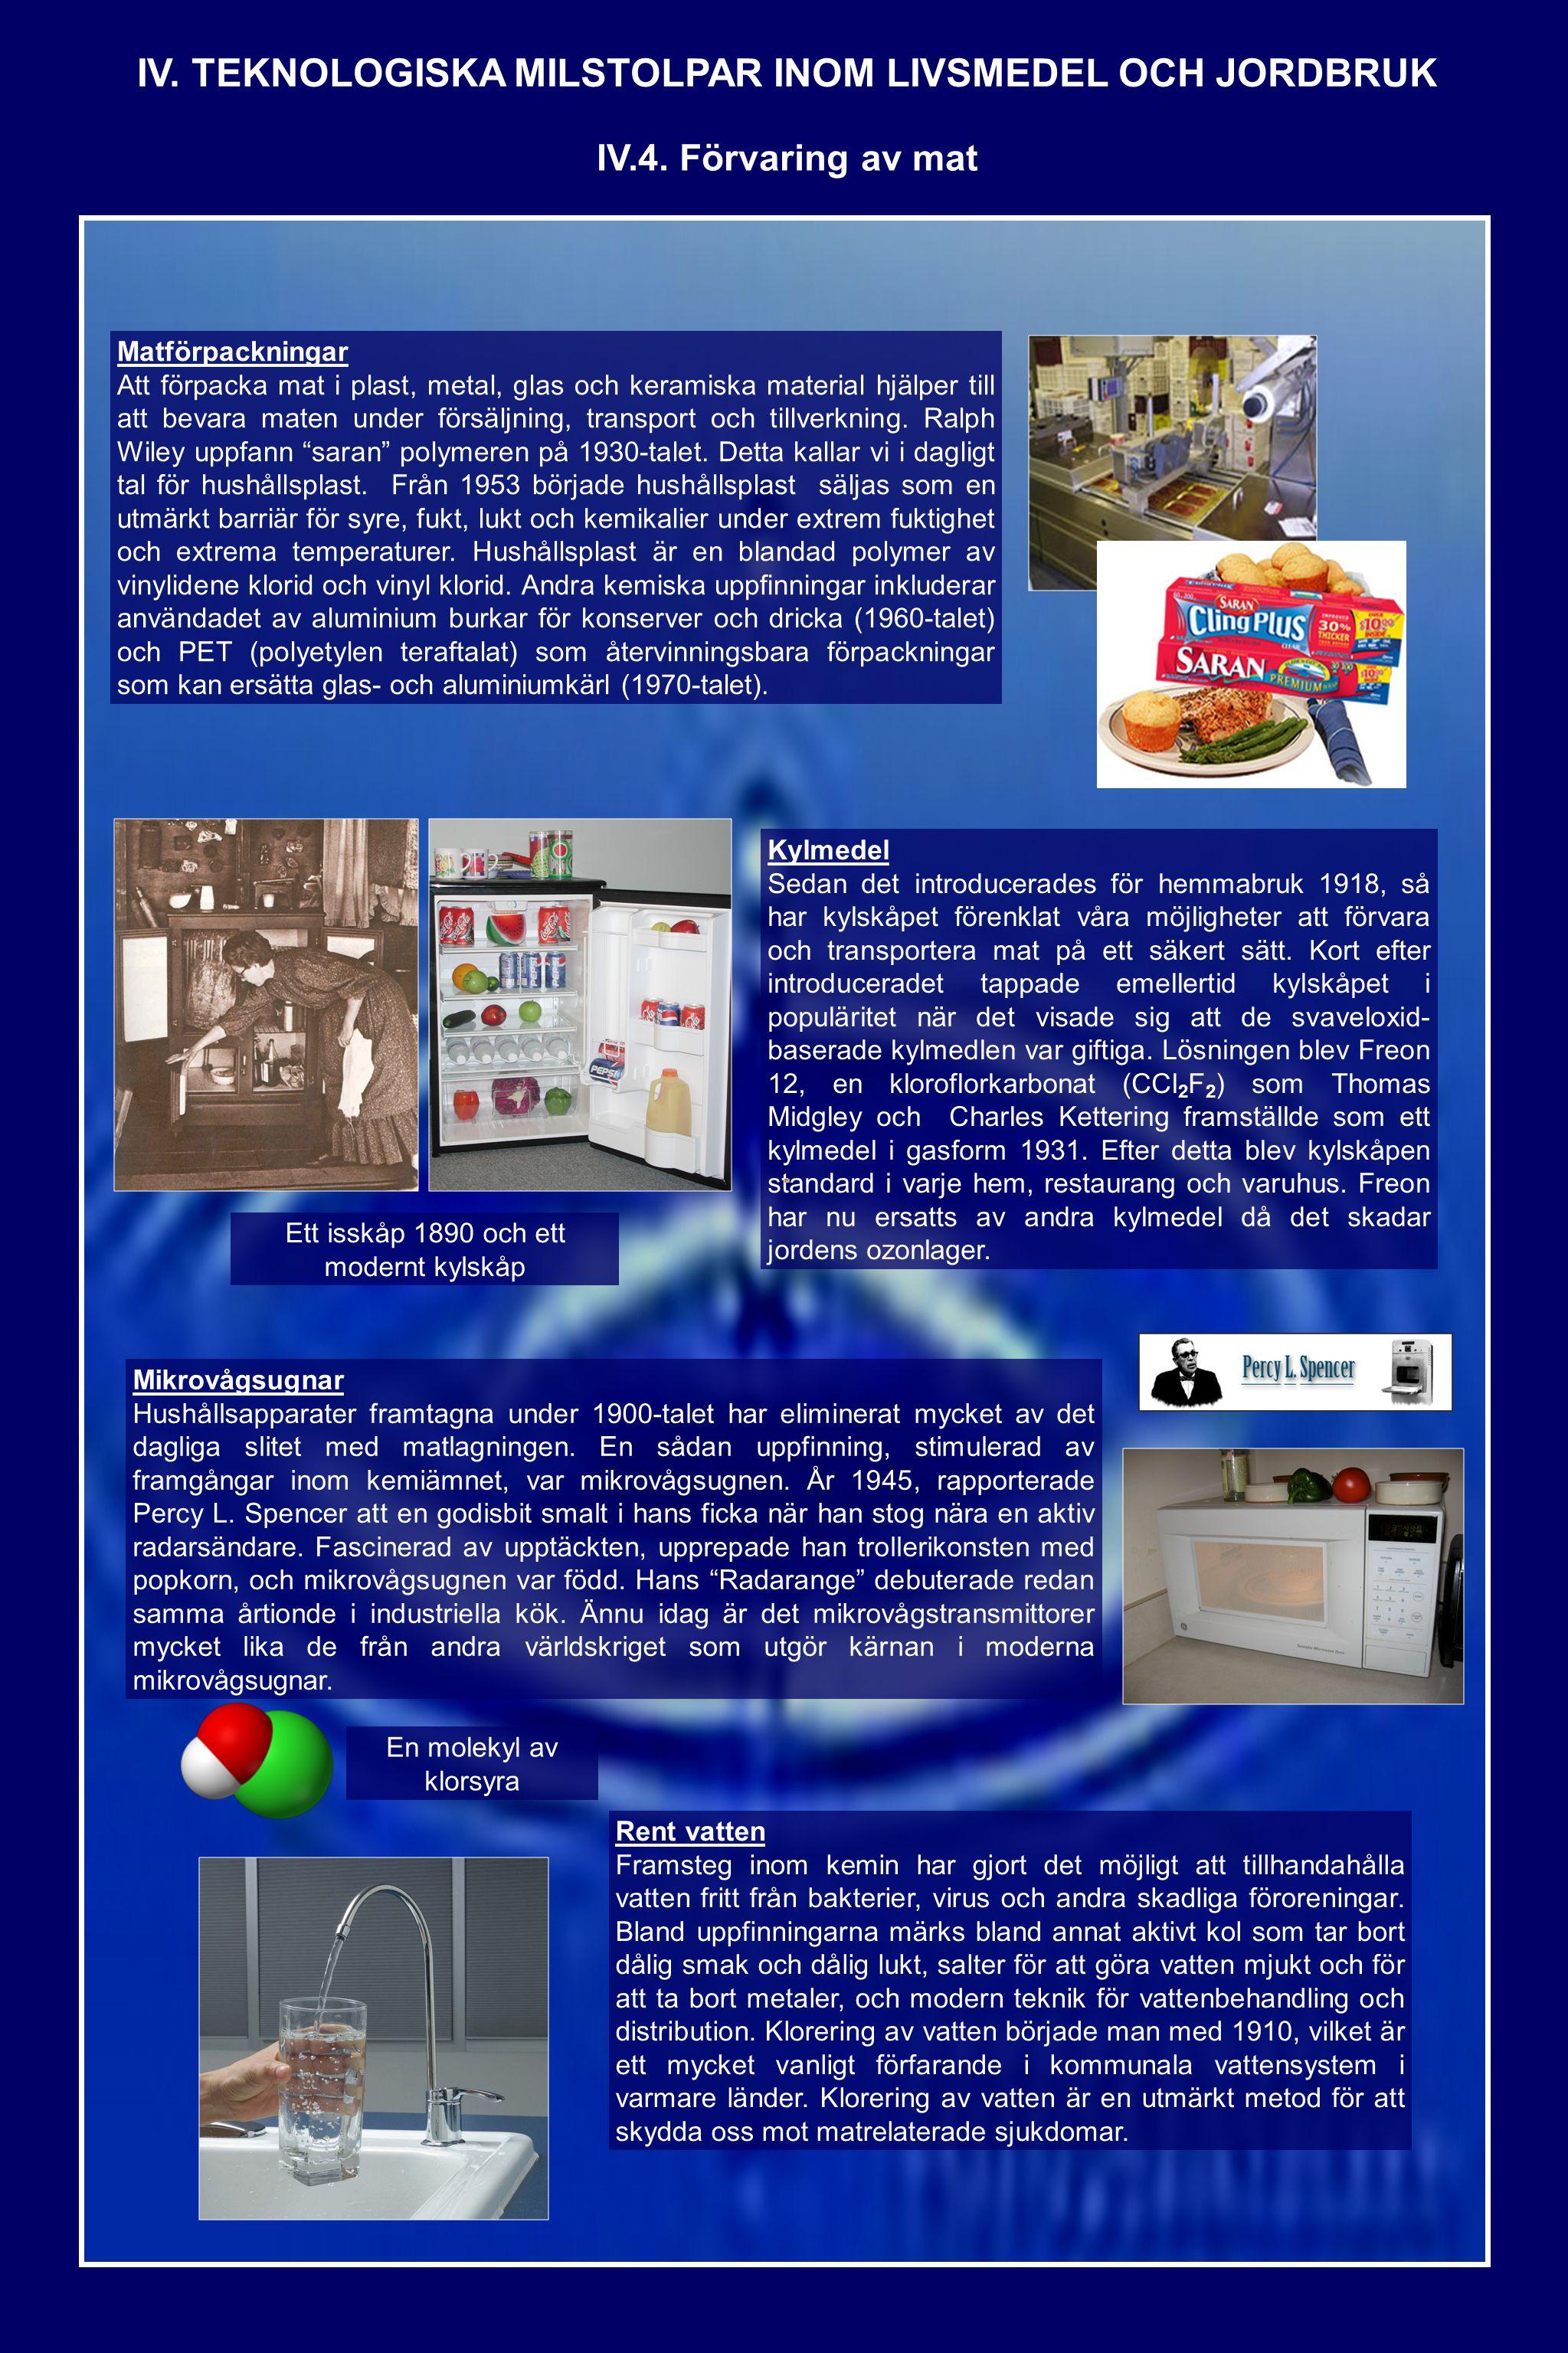 Matförpackningar Att förpacka mat i plast, metal, glas och keramiska material hjälper till att bevara maten under försäljning, transport och tillverkning.